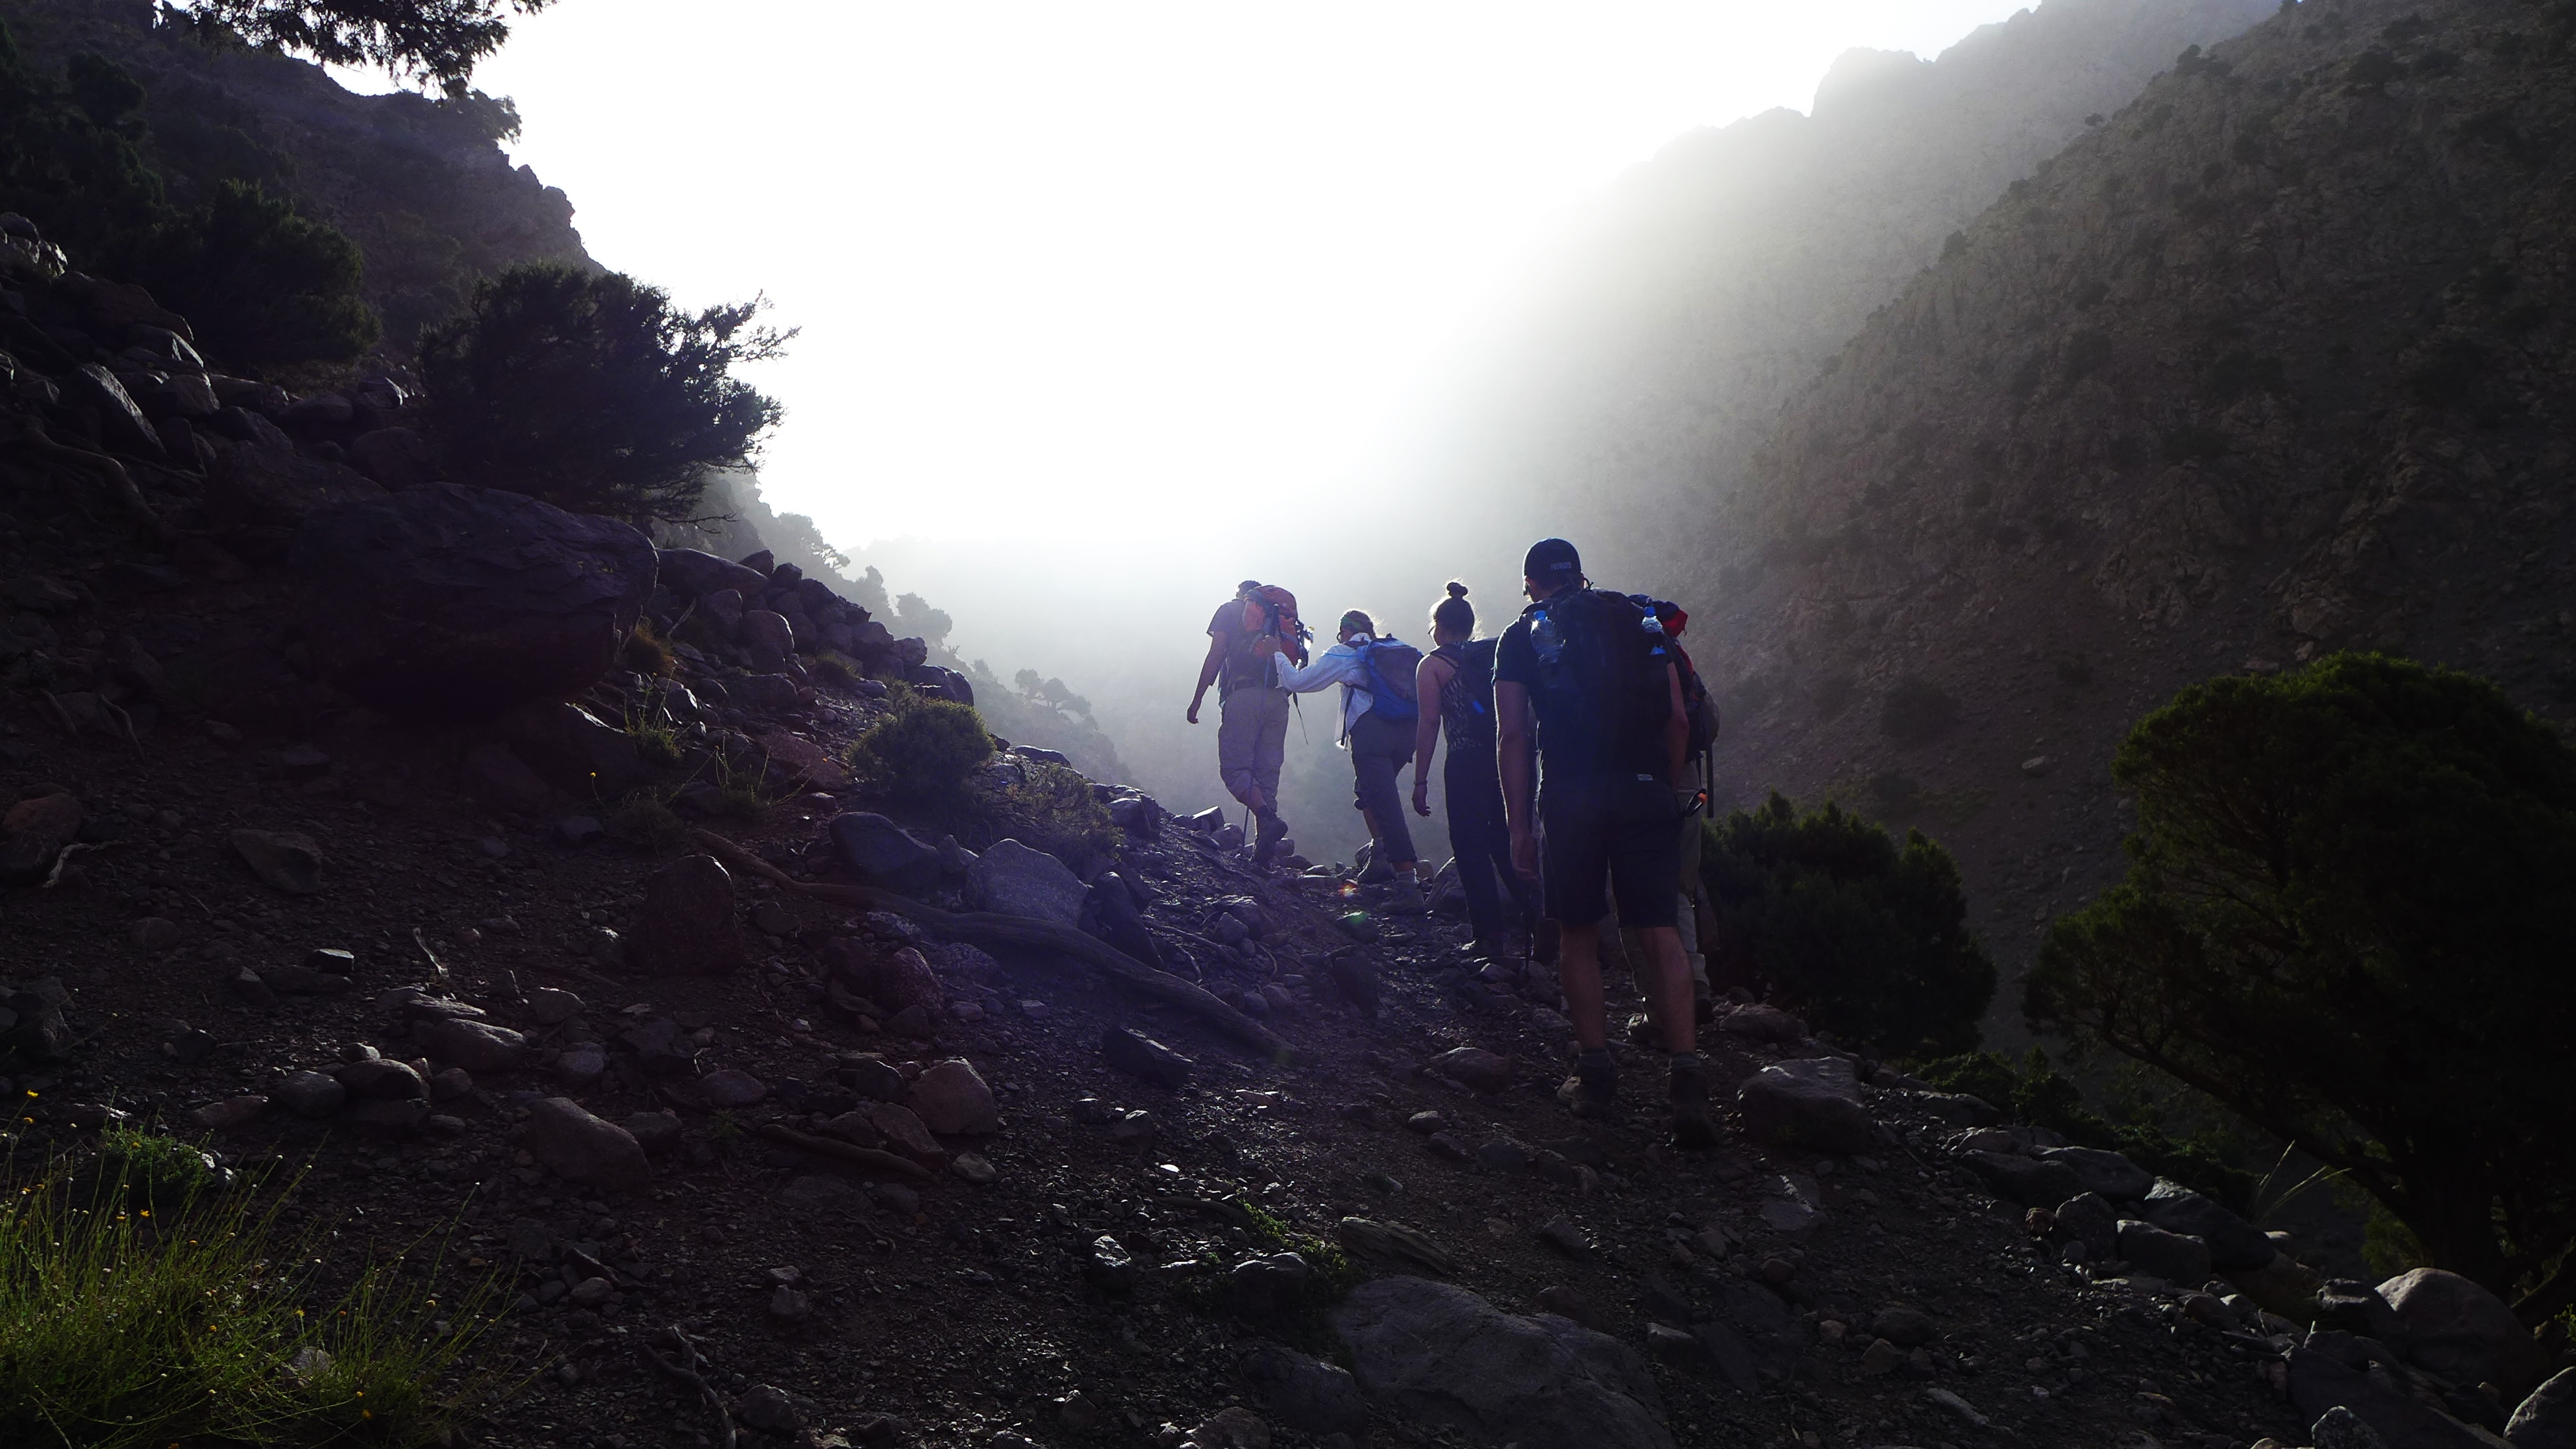 Toubkal, Abenteuer, Gadventures